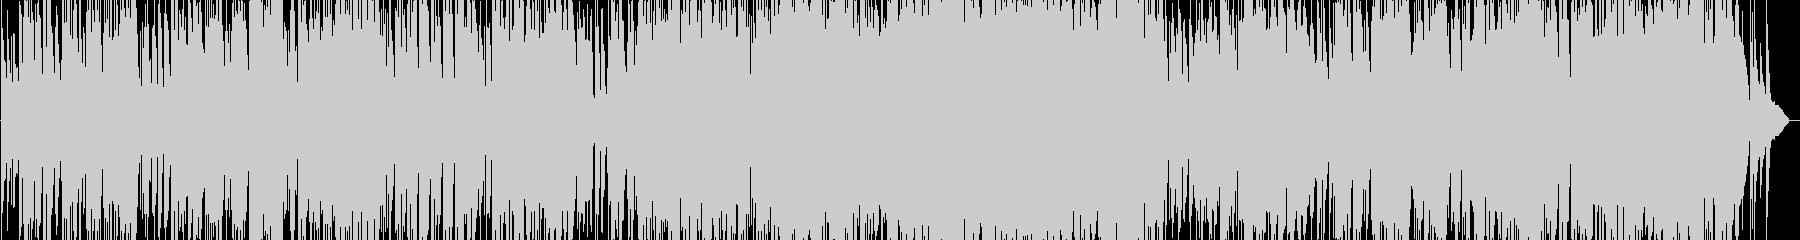 G線上のアリアのジャズピアノトリオの未再生の波形